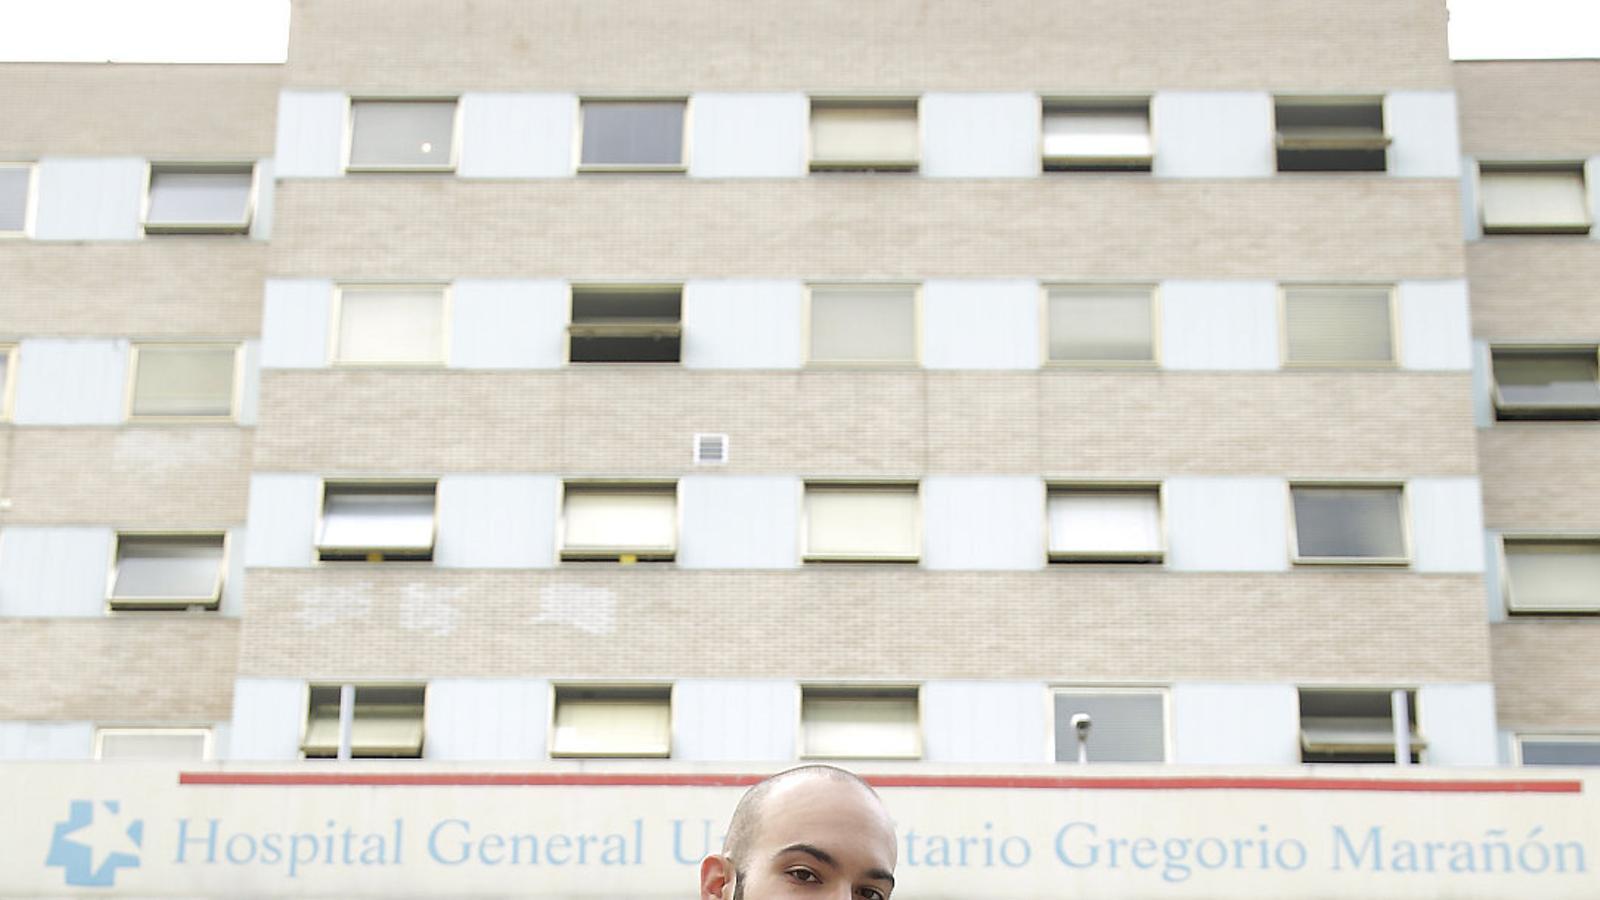 El José va trobar feina en vint minuts a l'Hospital Gregorio Marañón de Madrid, però assumeix que haurà de marxar.